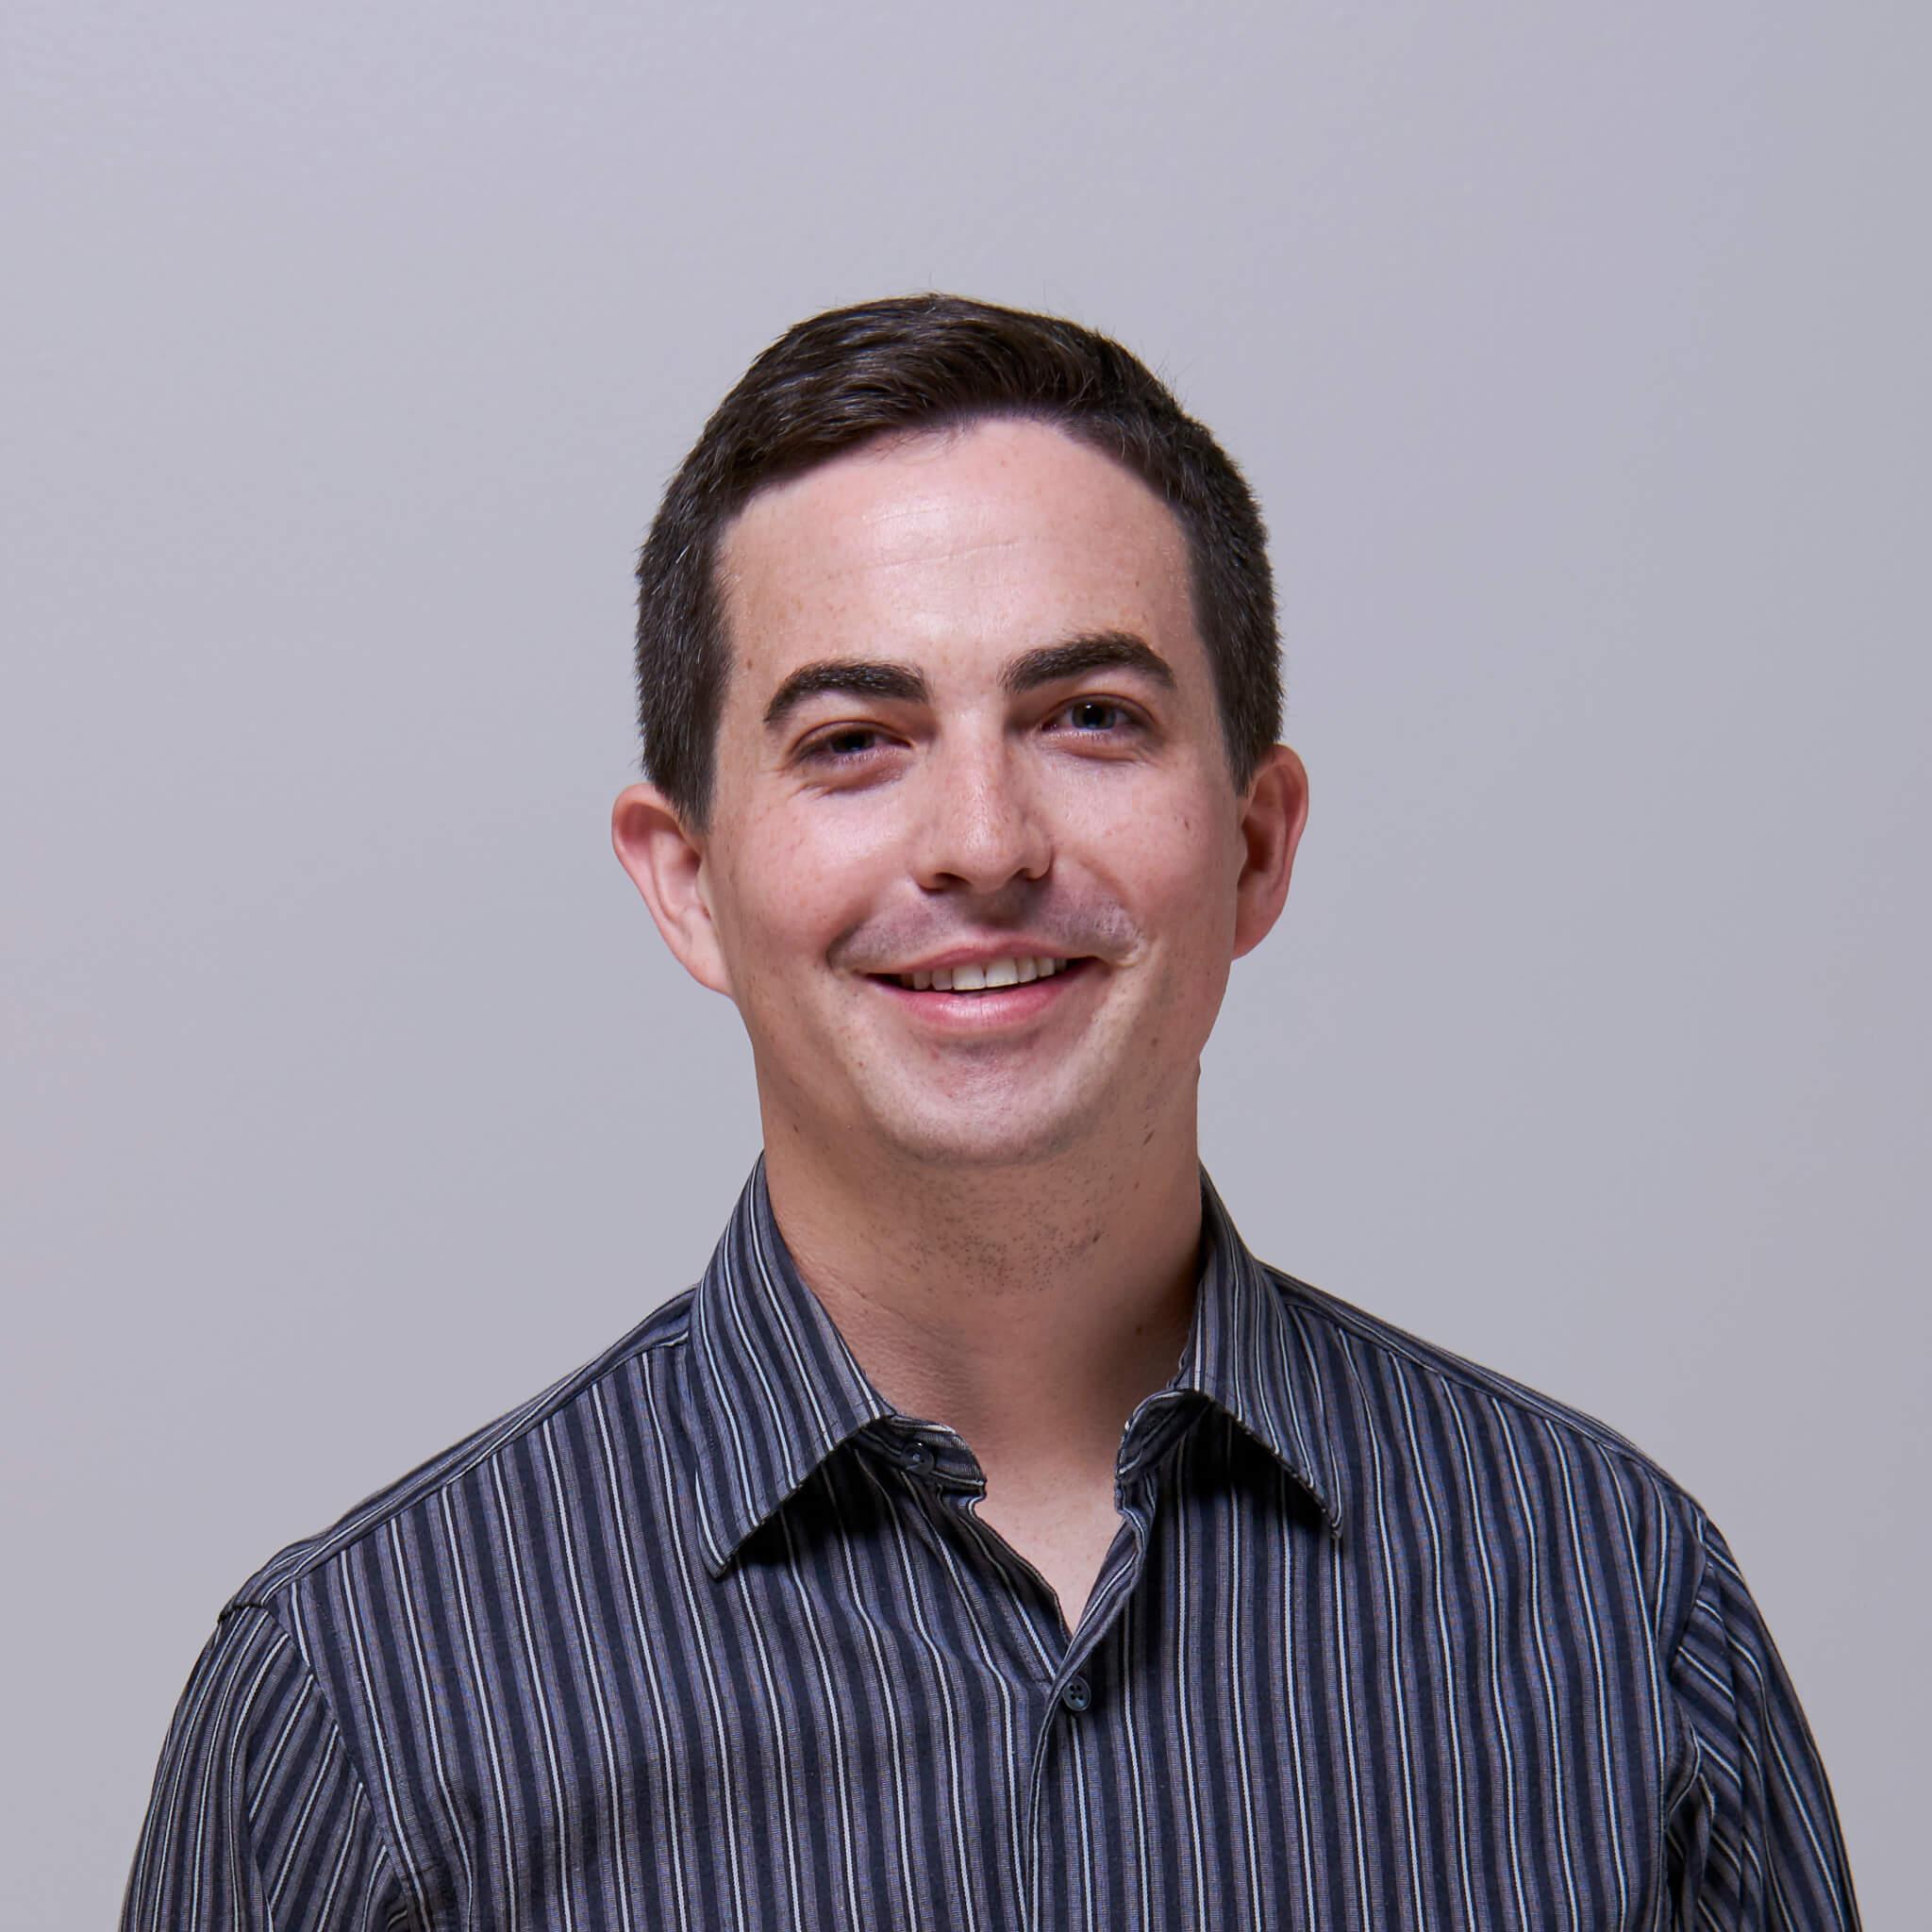 Michael Allain